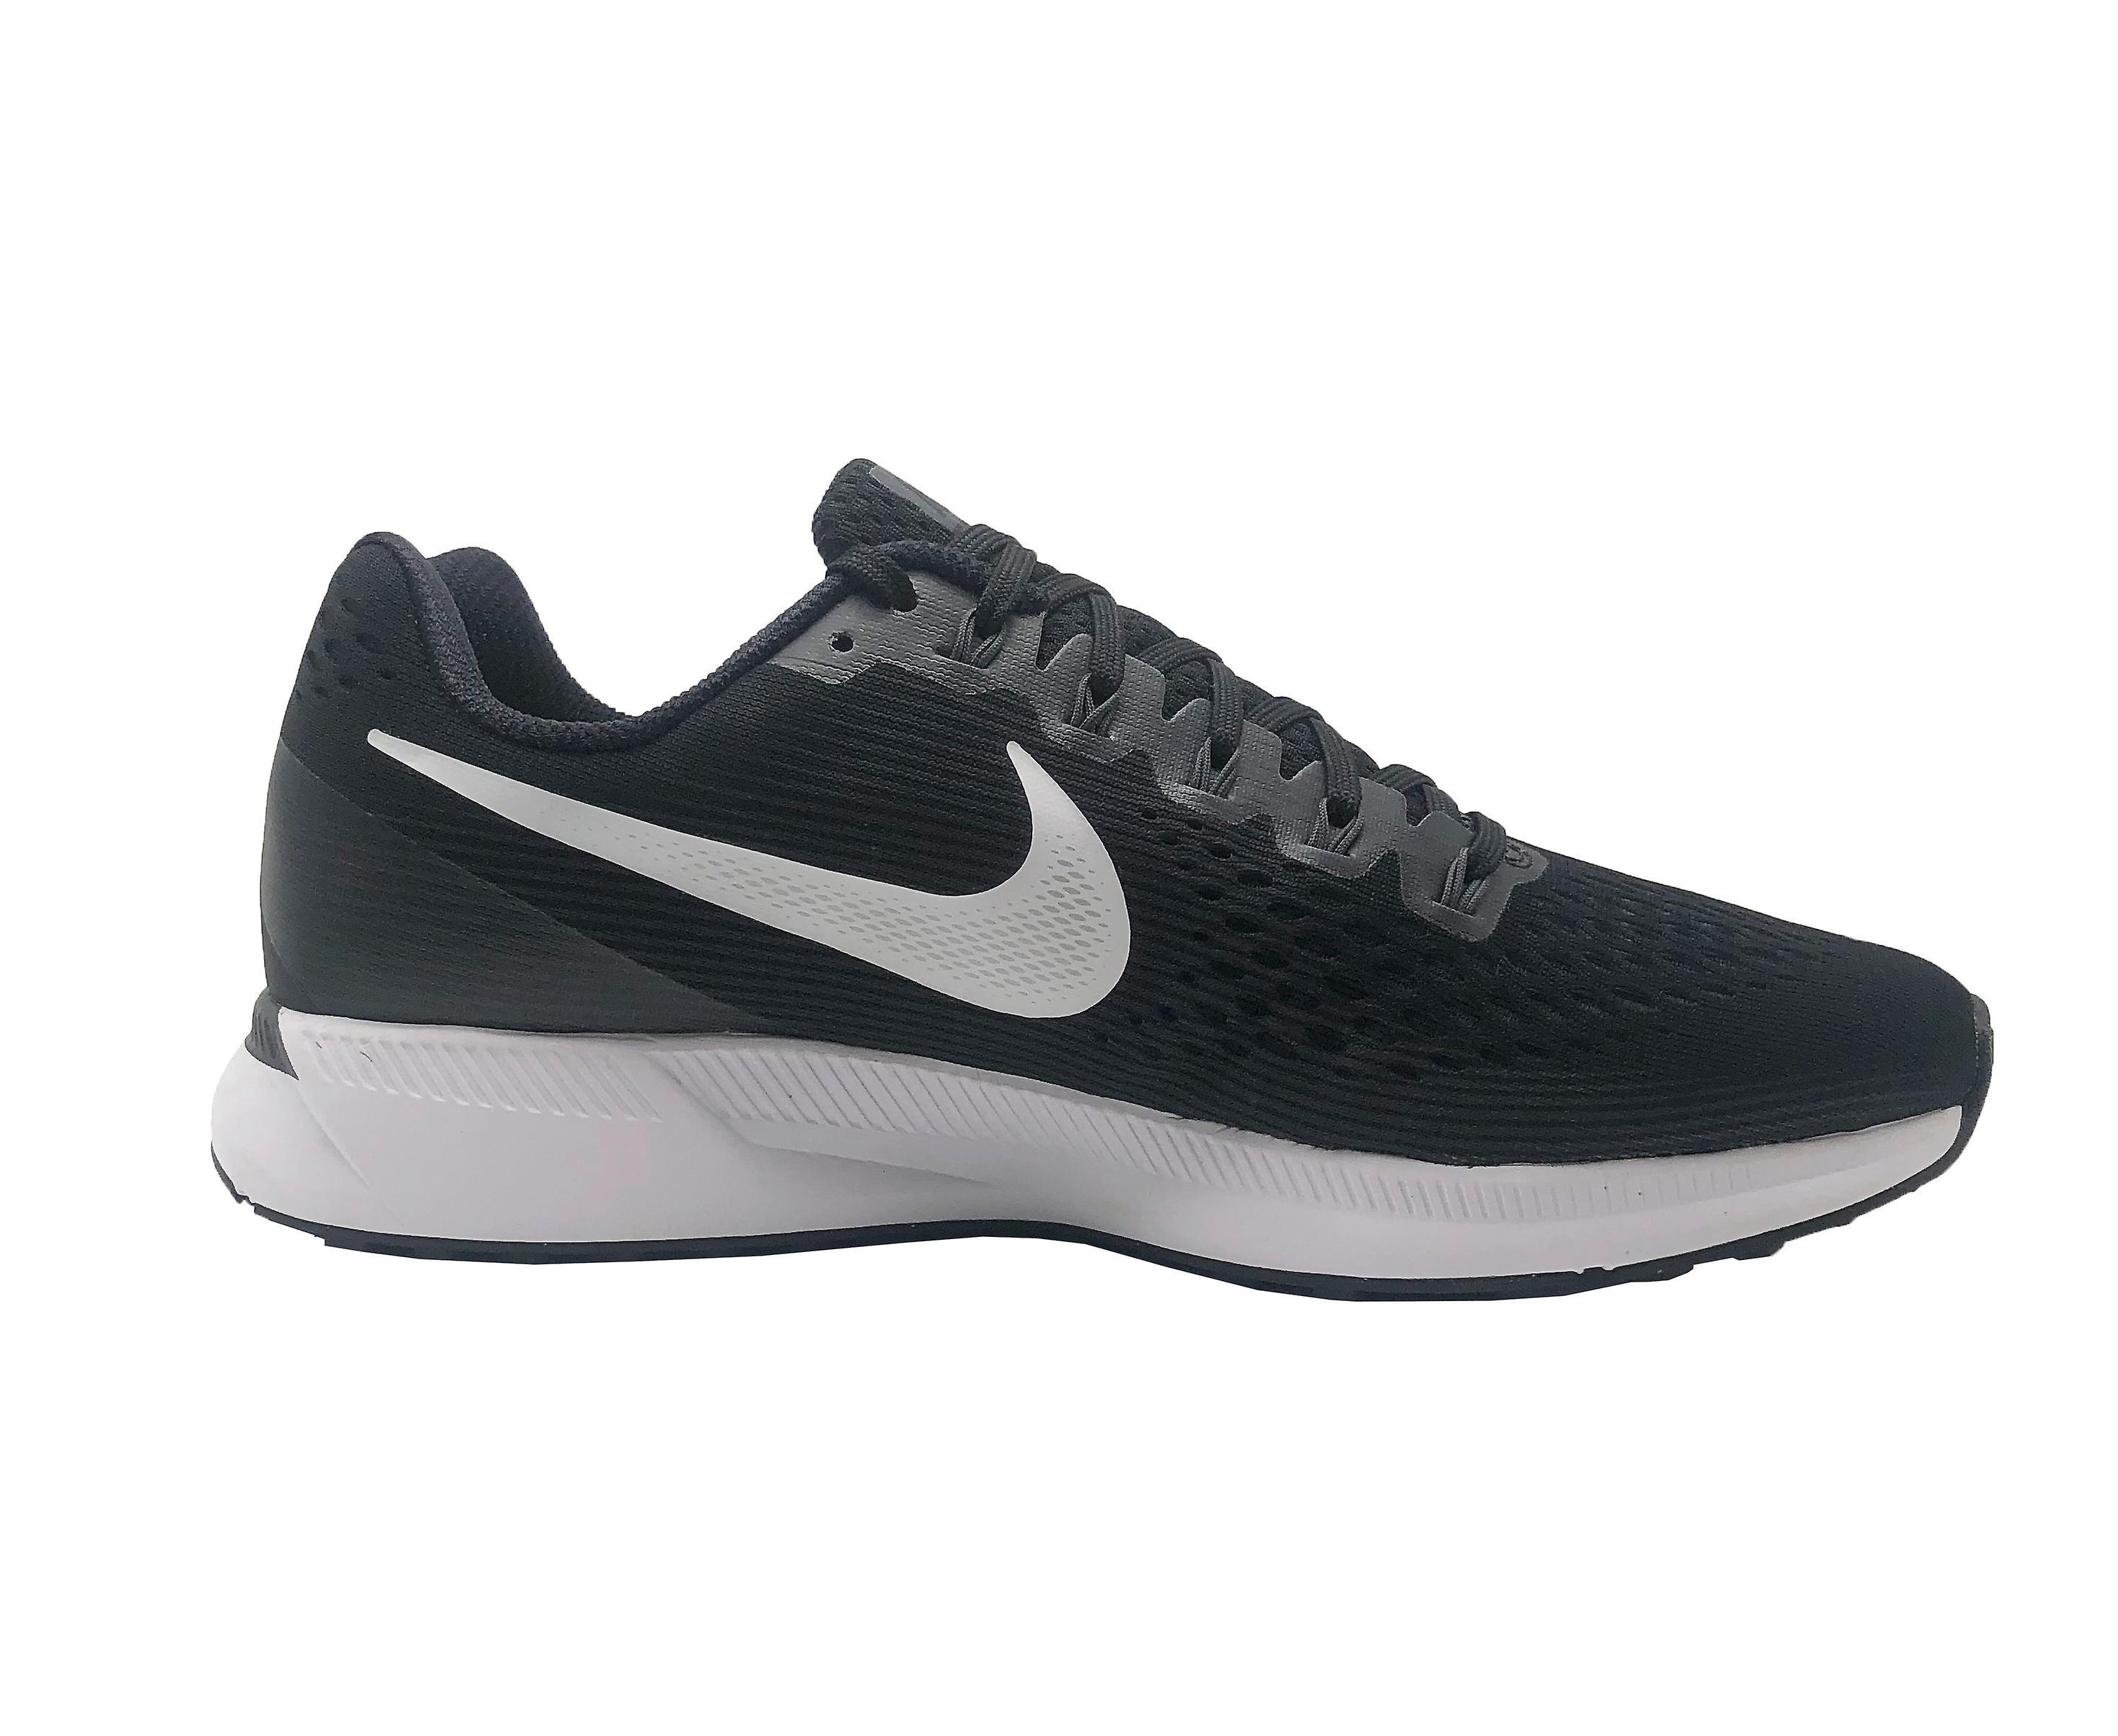 Nike Air Zoom Pegasus 34 880560 001 Damen Trainer